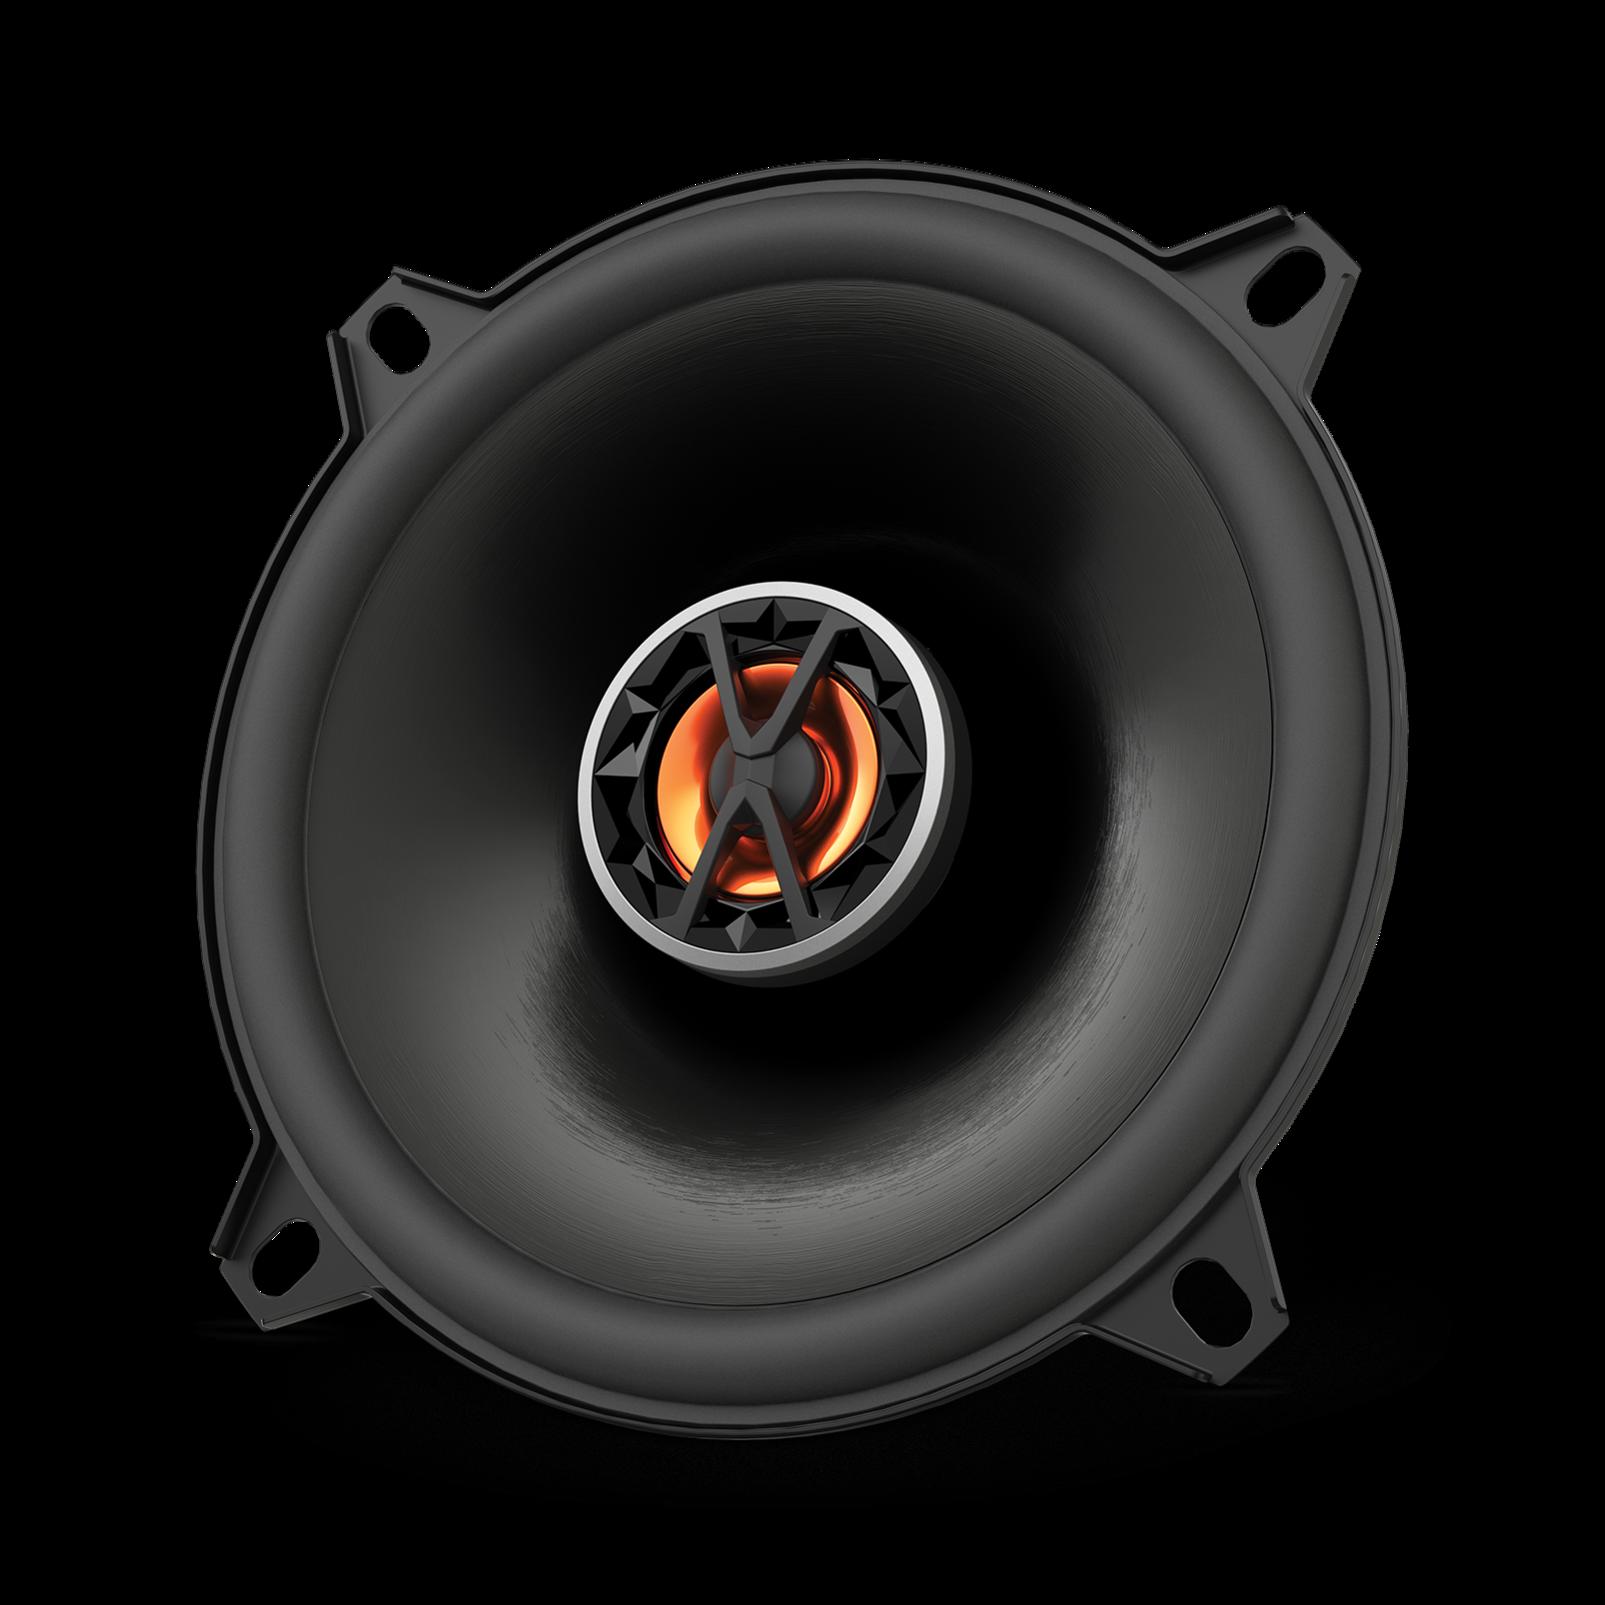 Club 5020 13 Cm 2 Way Coaxial Speakers Speaker Wiring Diagram